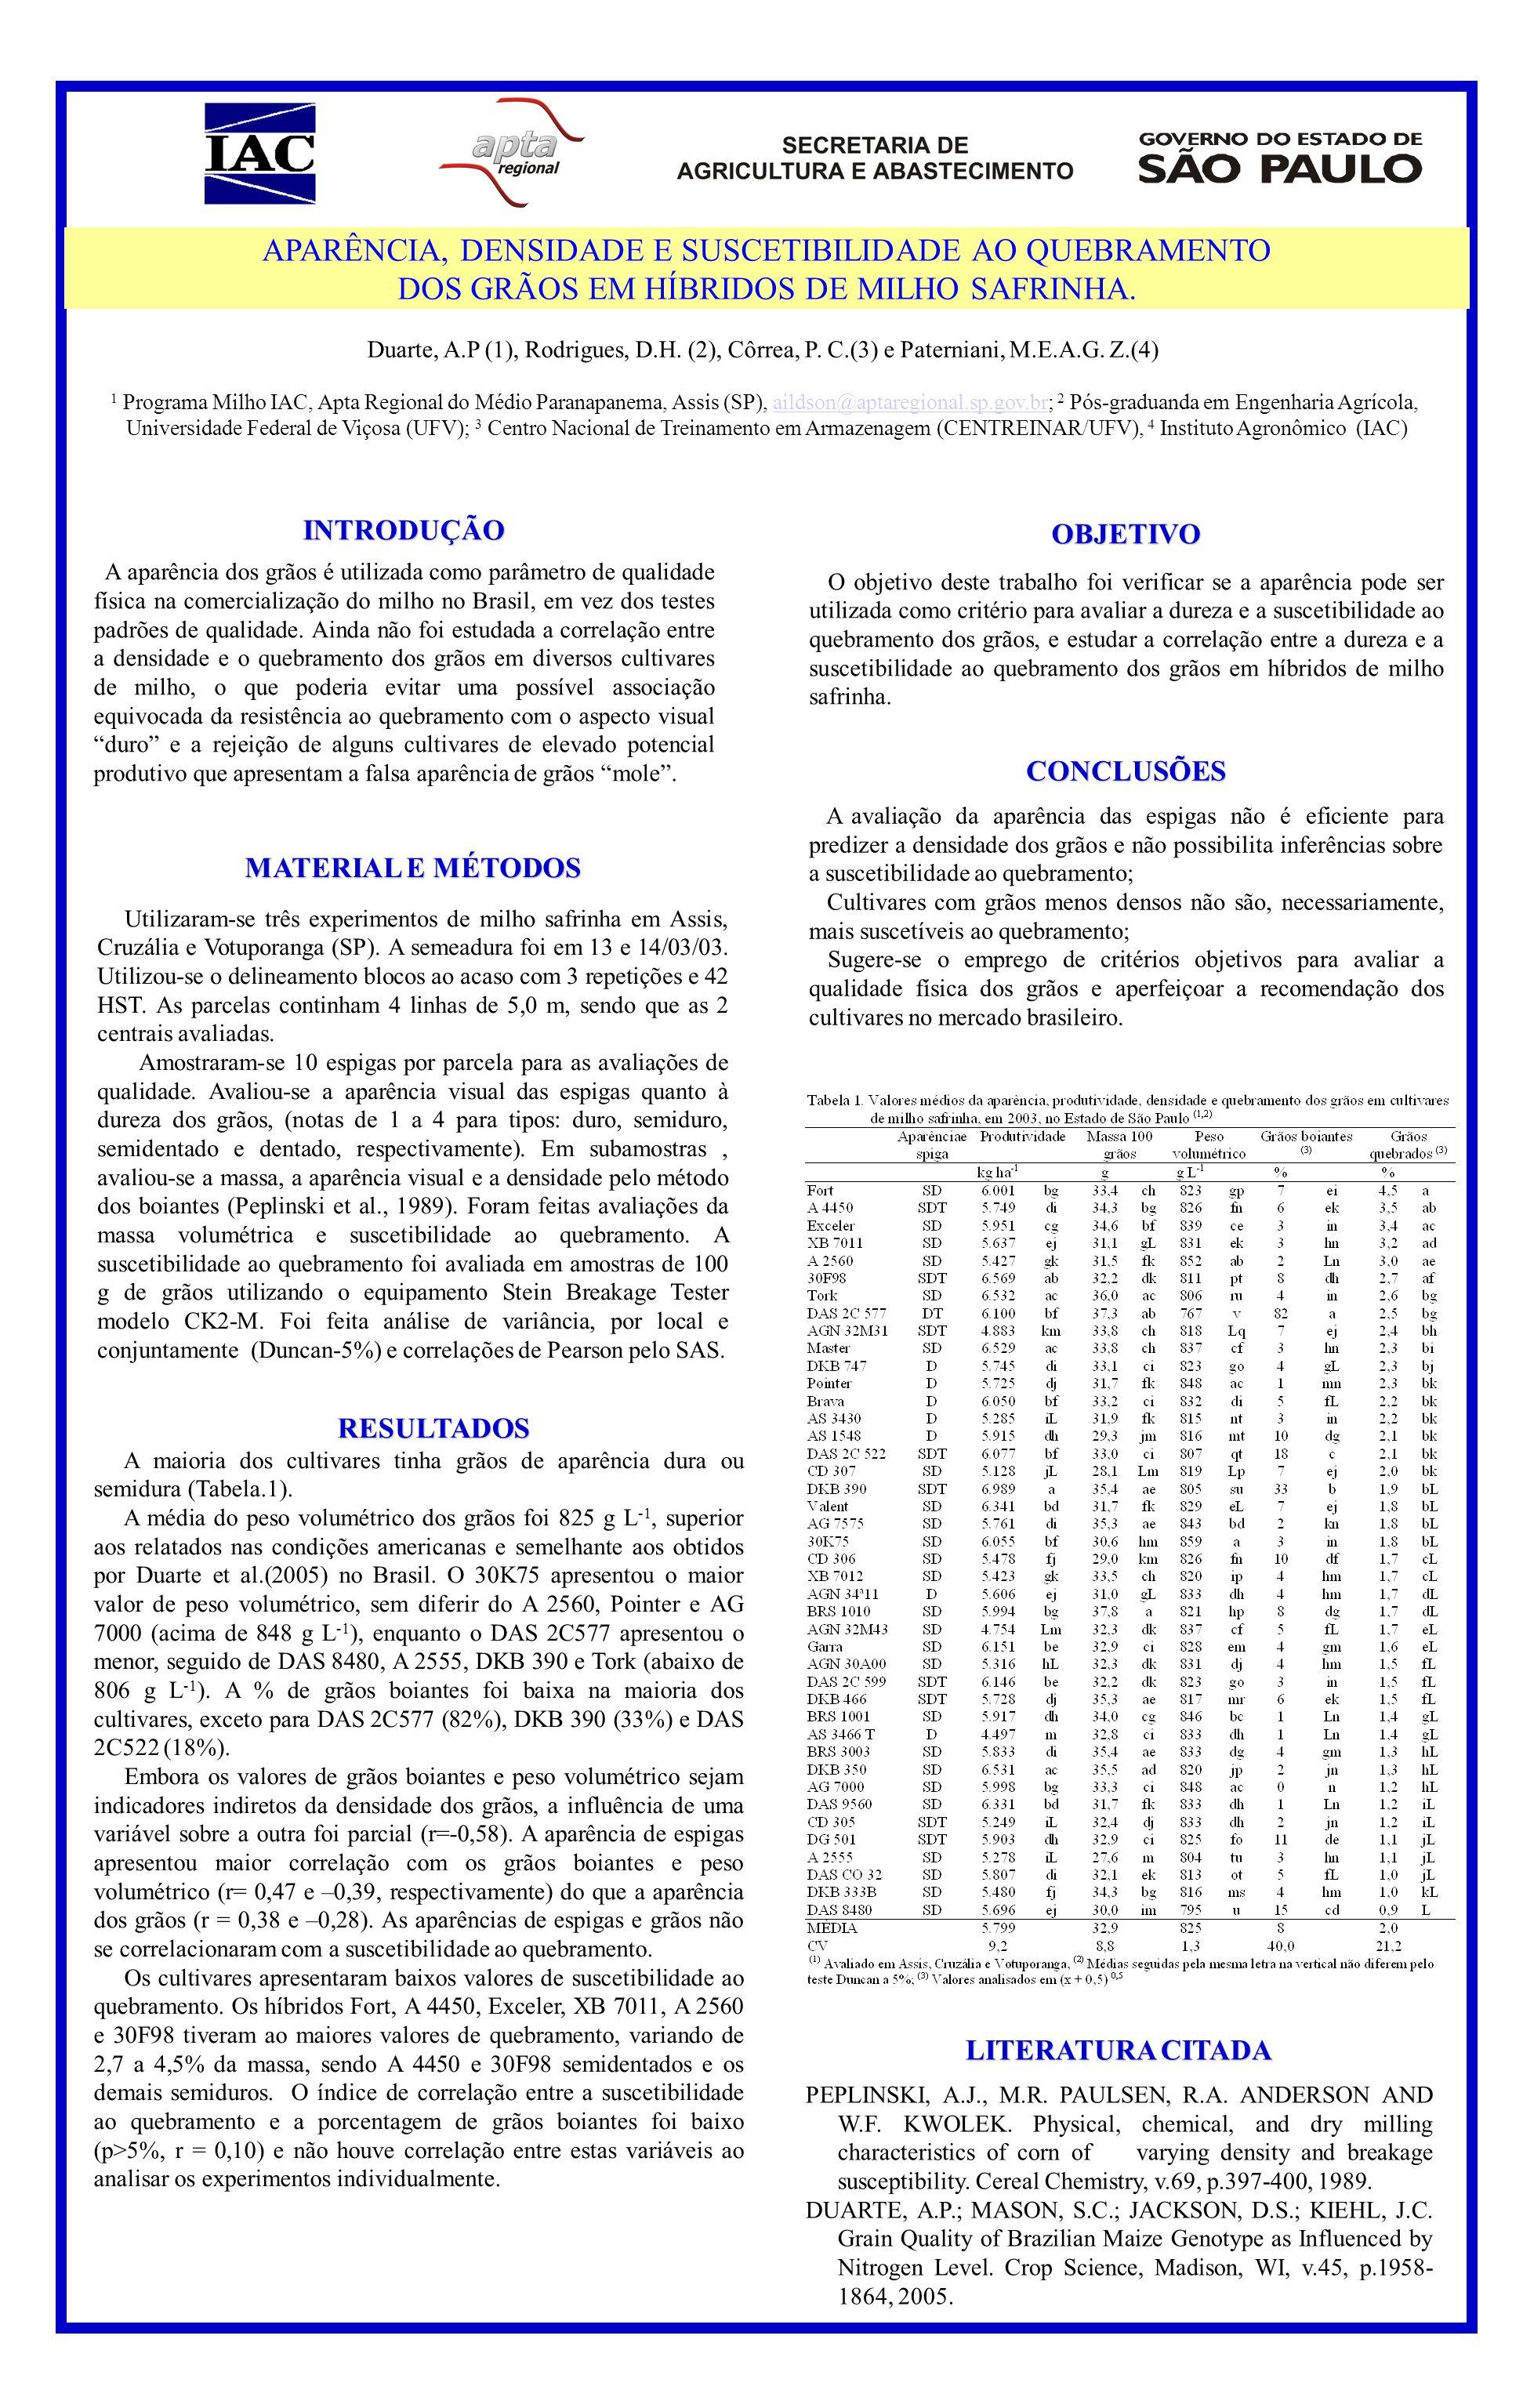 Duarte, A.P (1), Rodrigues, D.H. (2), Côrrea, P. C.(3) e Paterniani, M.E.A.G. Z.(4) 1 Programa Milho IAC, Apta Regional do Médio Paranapanema, Assis (